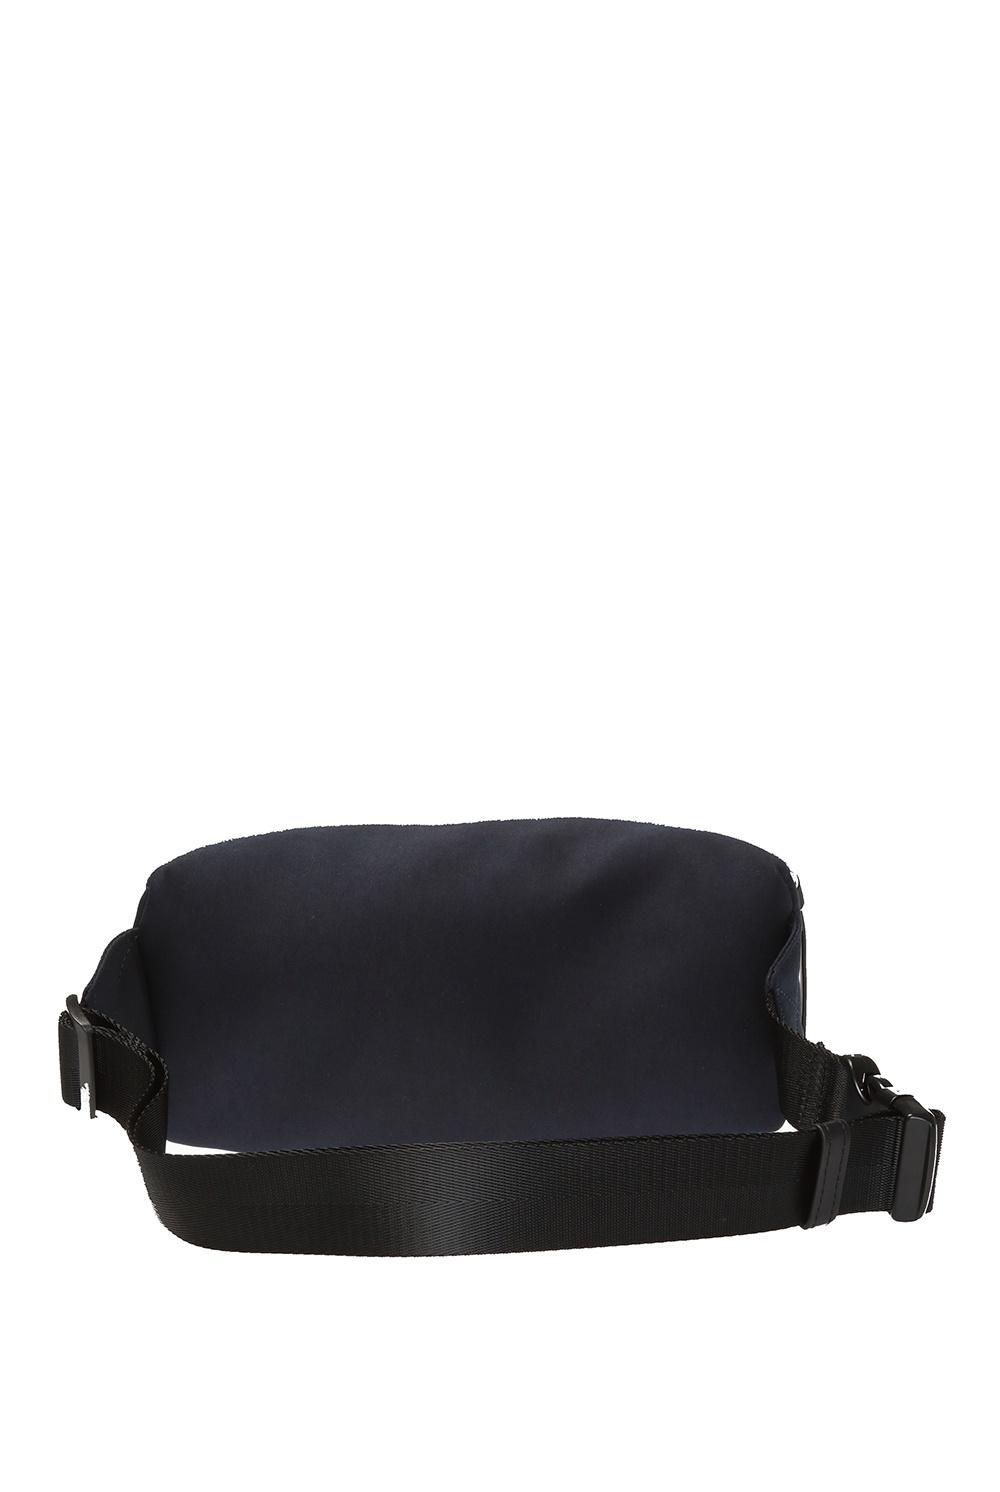 A.P.C. Patterned belt bag with logo